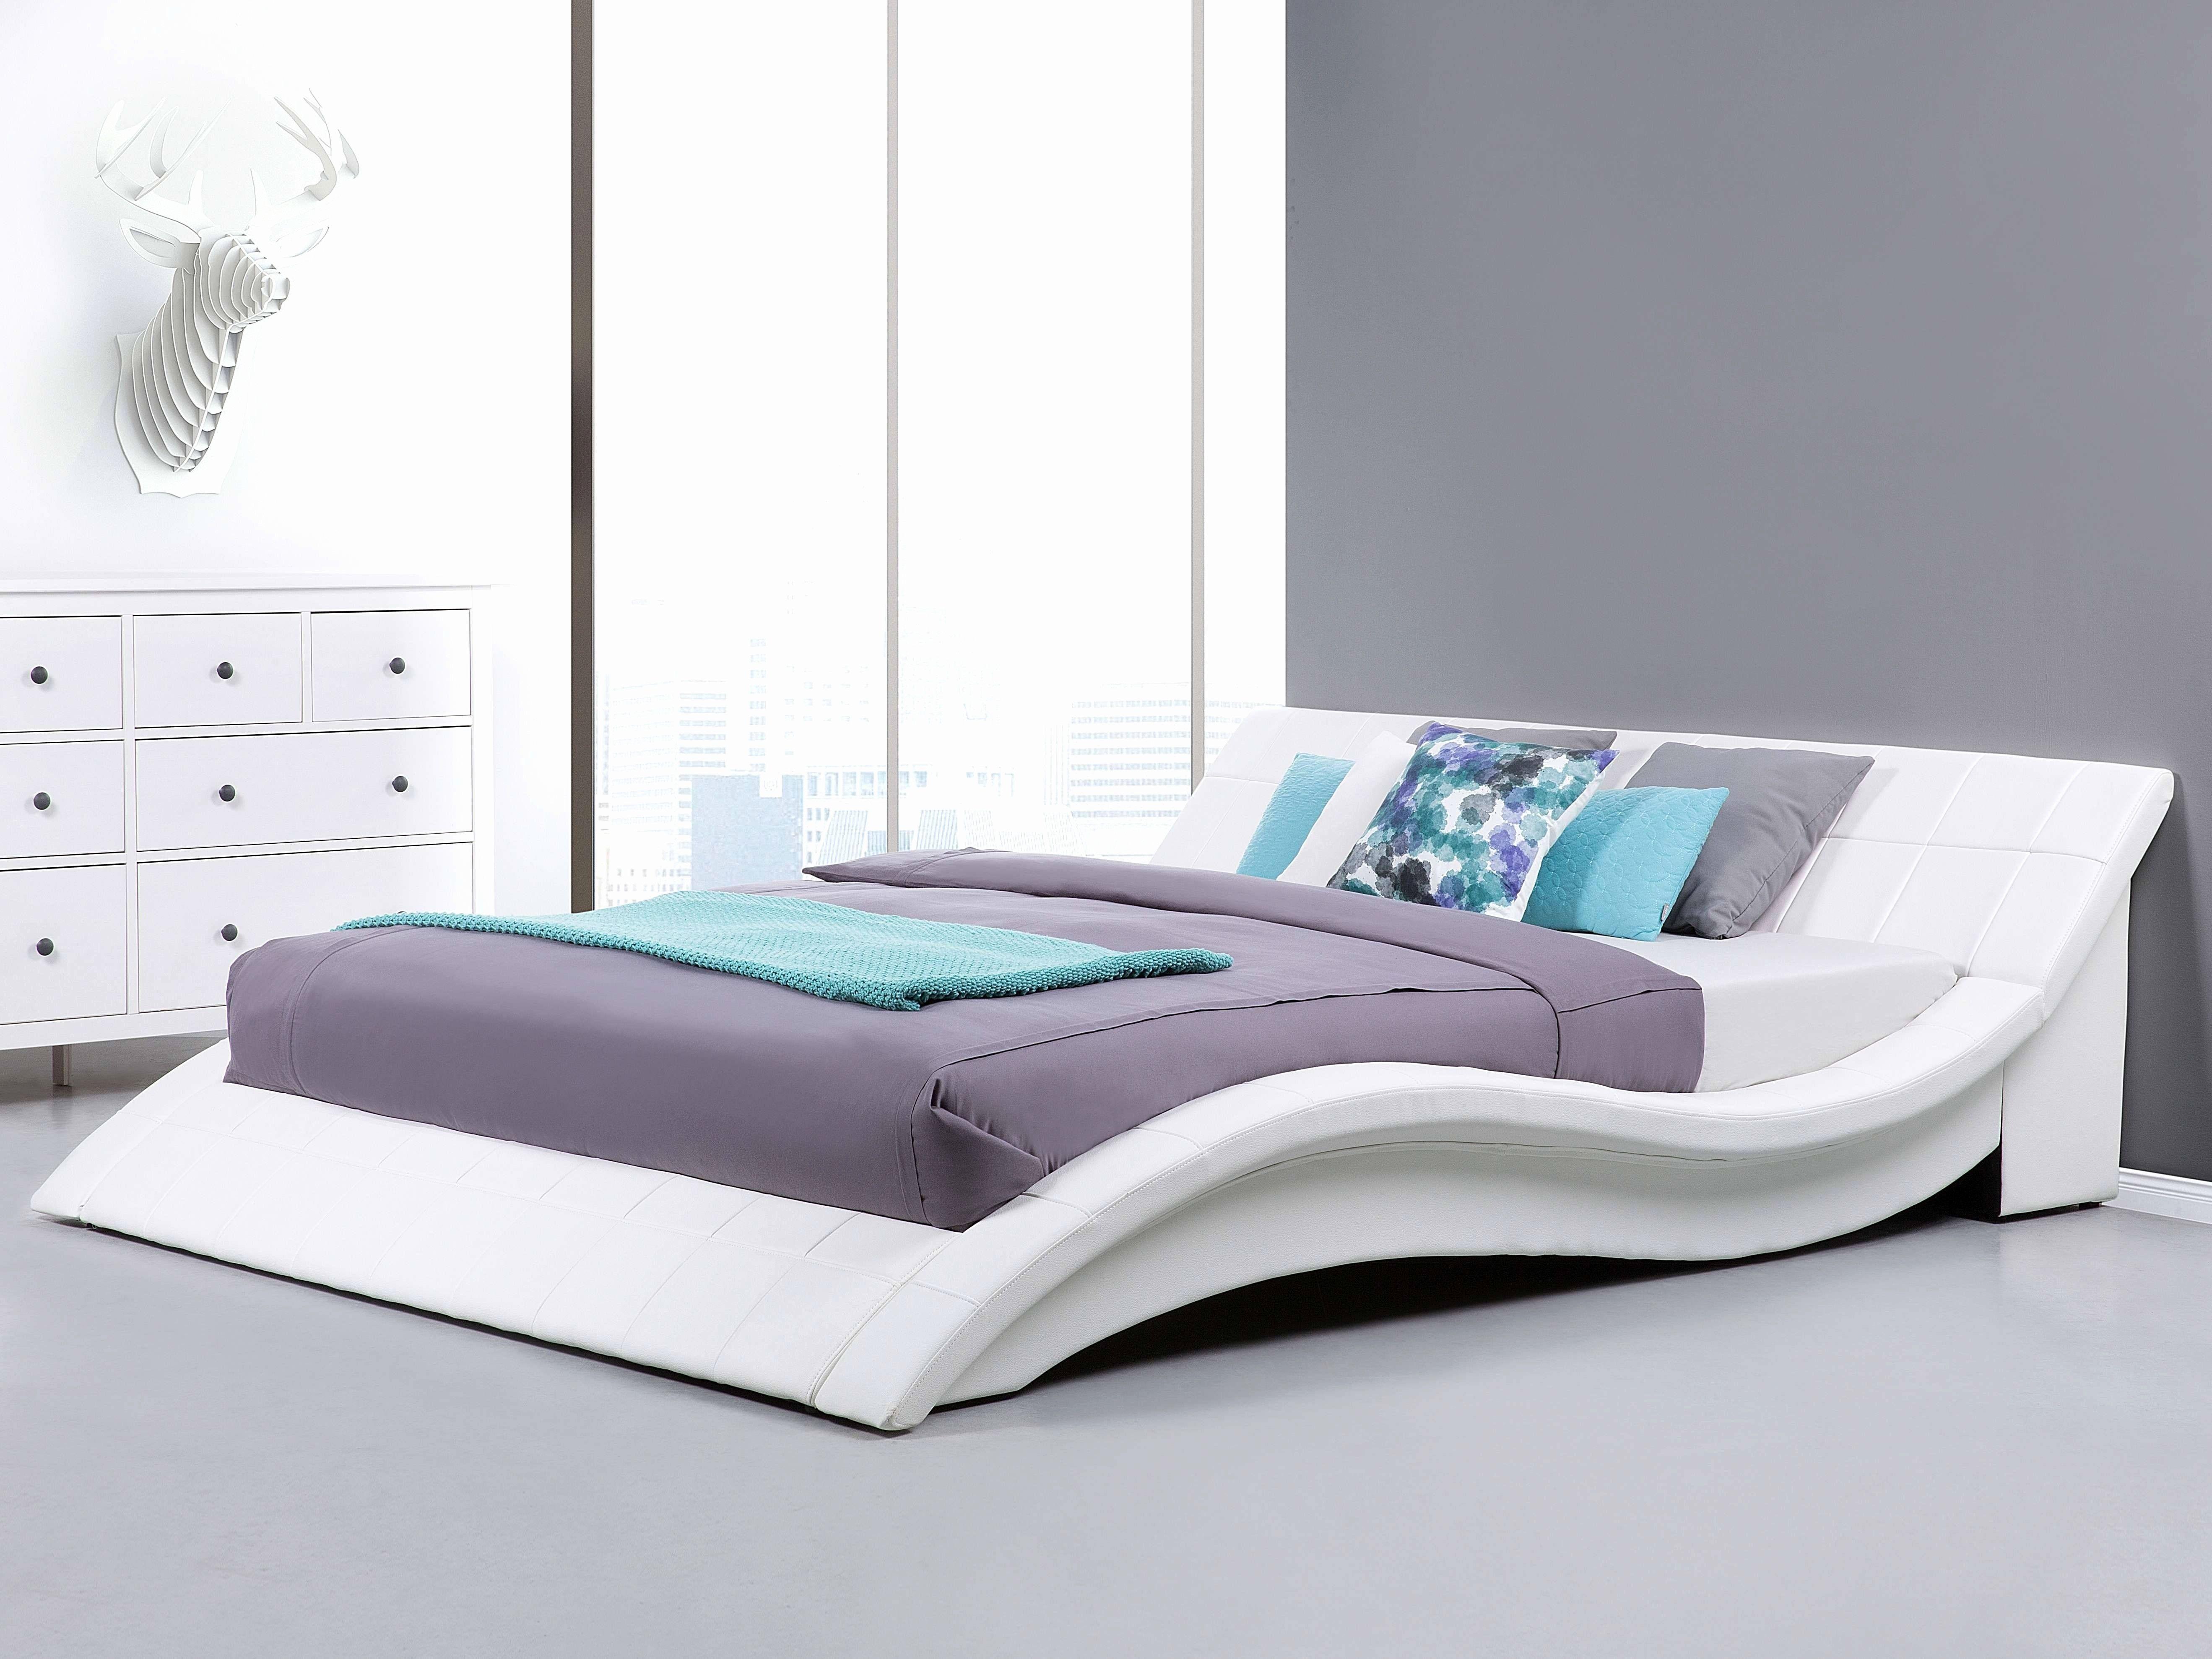 Matratze 140 New Matratze 140 200 Lidl Elegant Matratzen Angebote 90 200 In 2020 Ikea Bett Bett 140x200 Big Sofa Mit Schlaffunktion